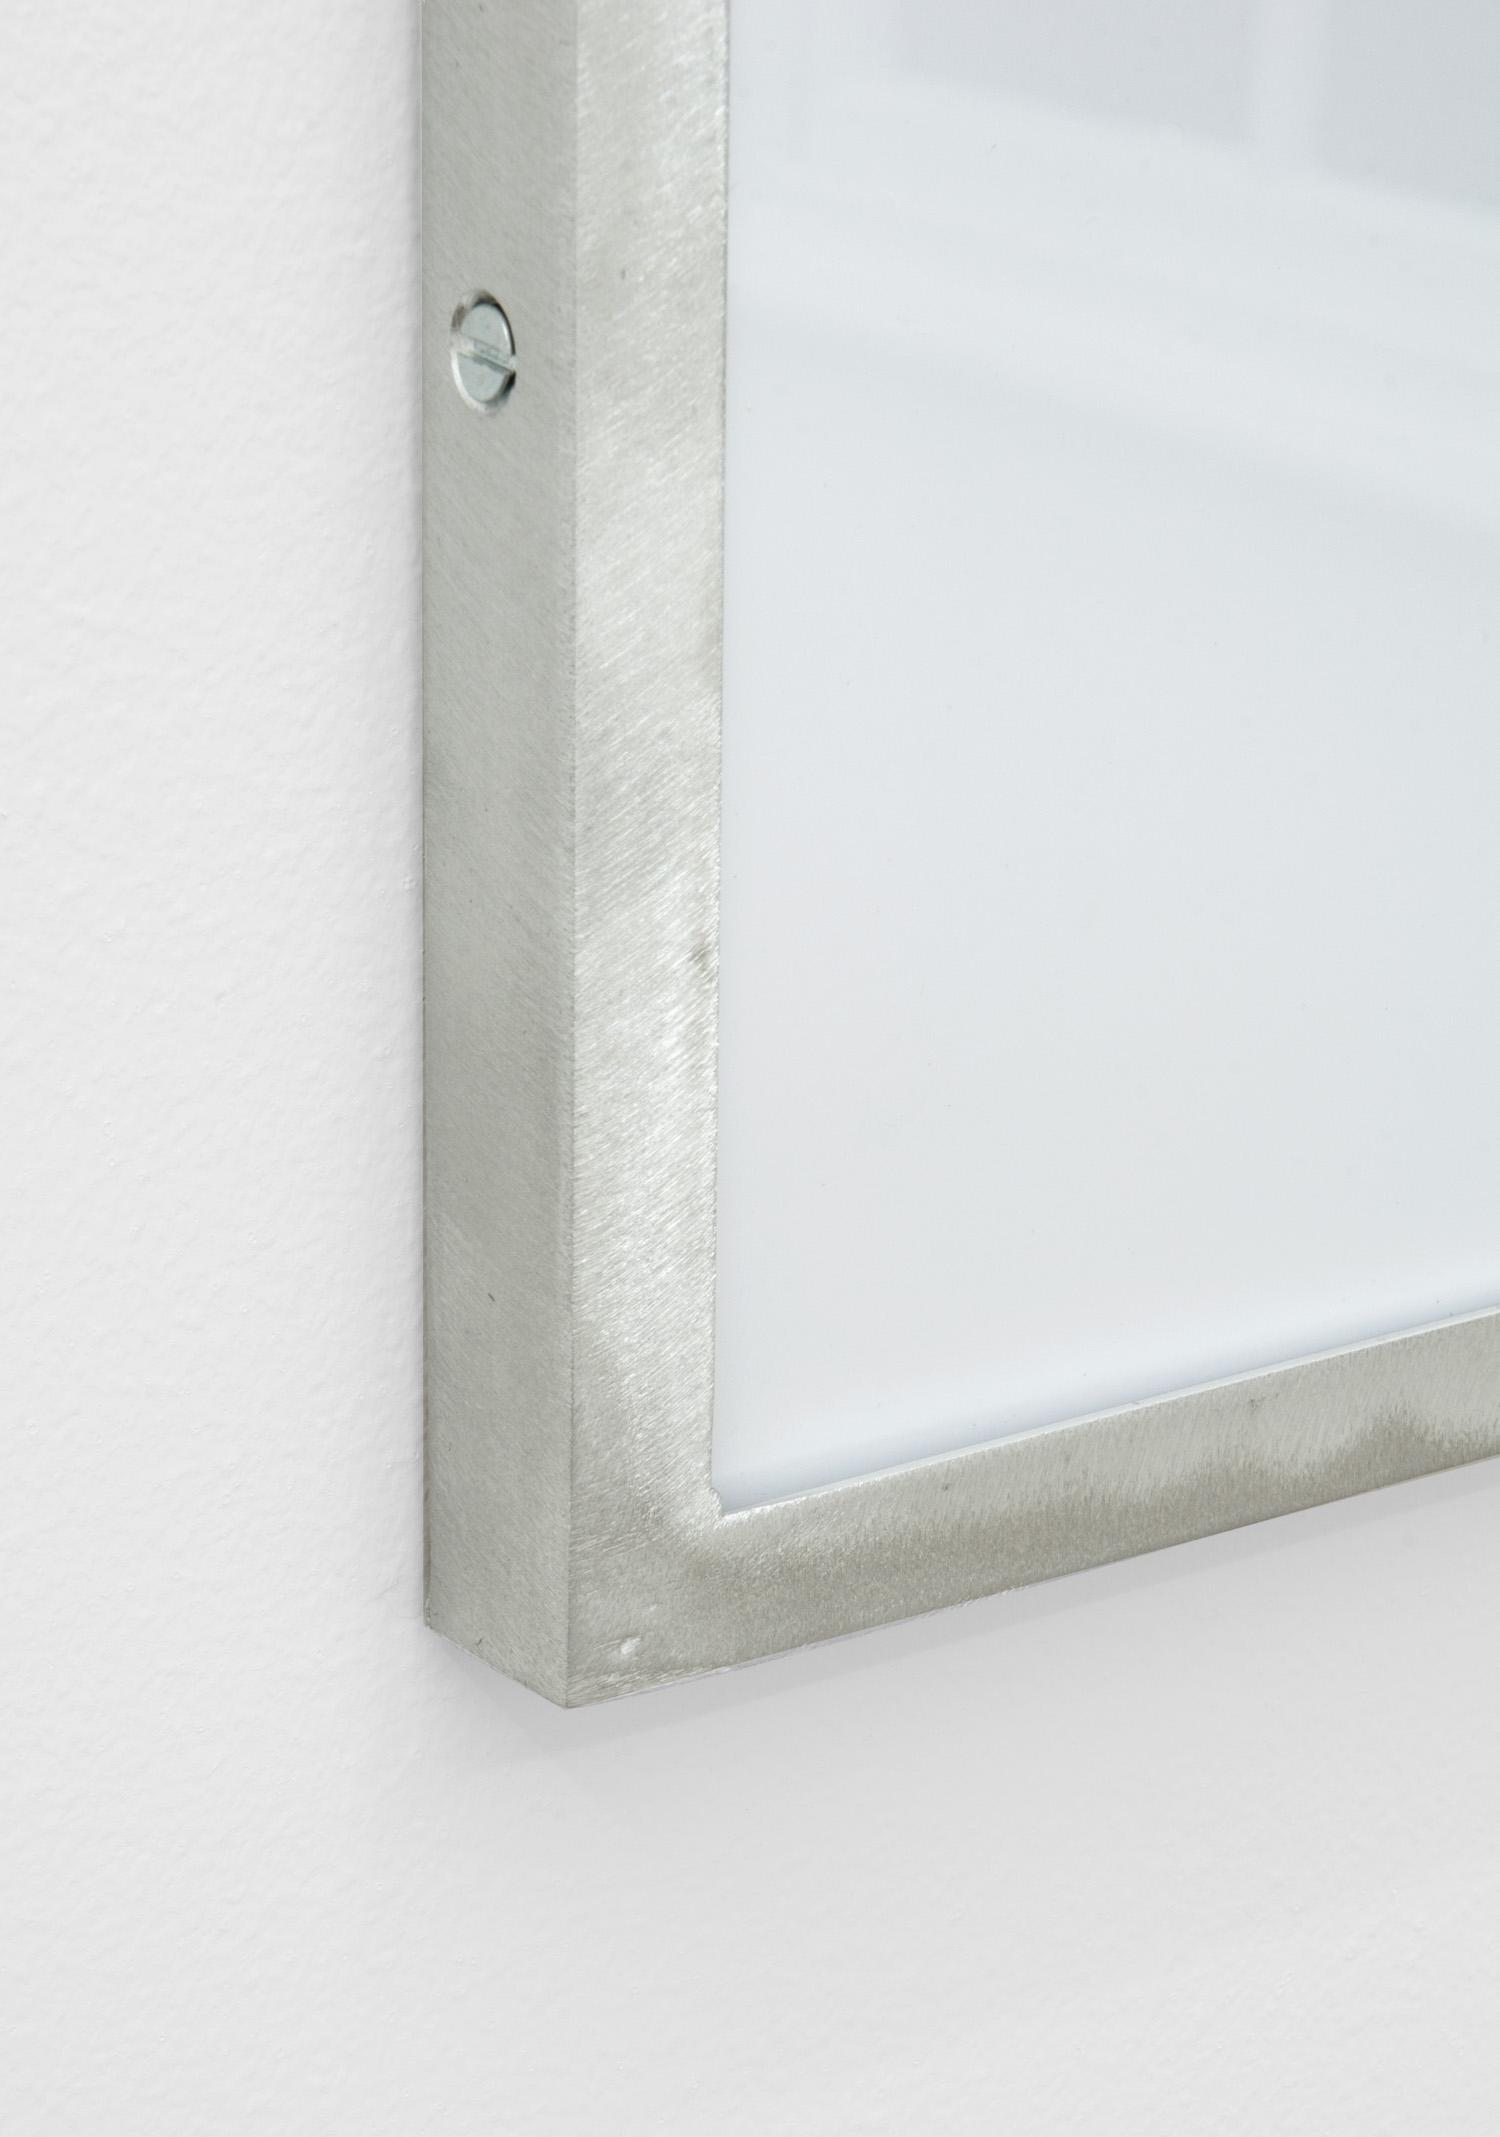 IR-5 (detail) , 2014, giclee print on hahnemuhle photorag, custom aluminium frame 40 x 40 cm.